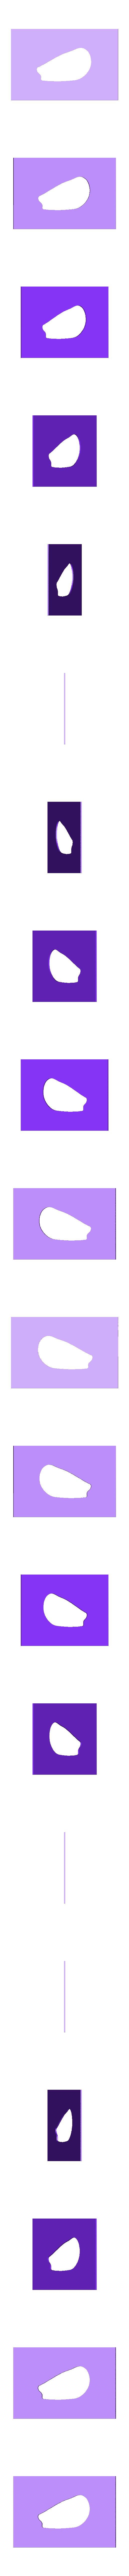 Bass.STL Télécharger fichier STL gratuit Pochoirs à nageoires de leurre • Objet à imprimer en 3D, sthone